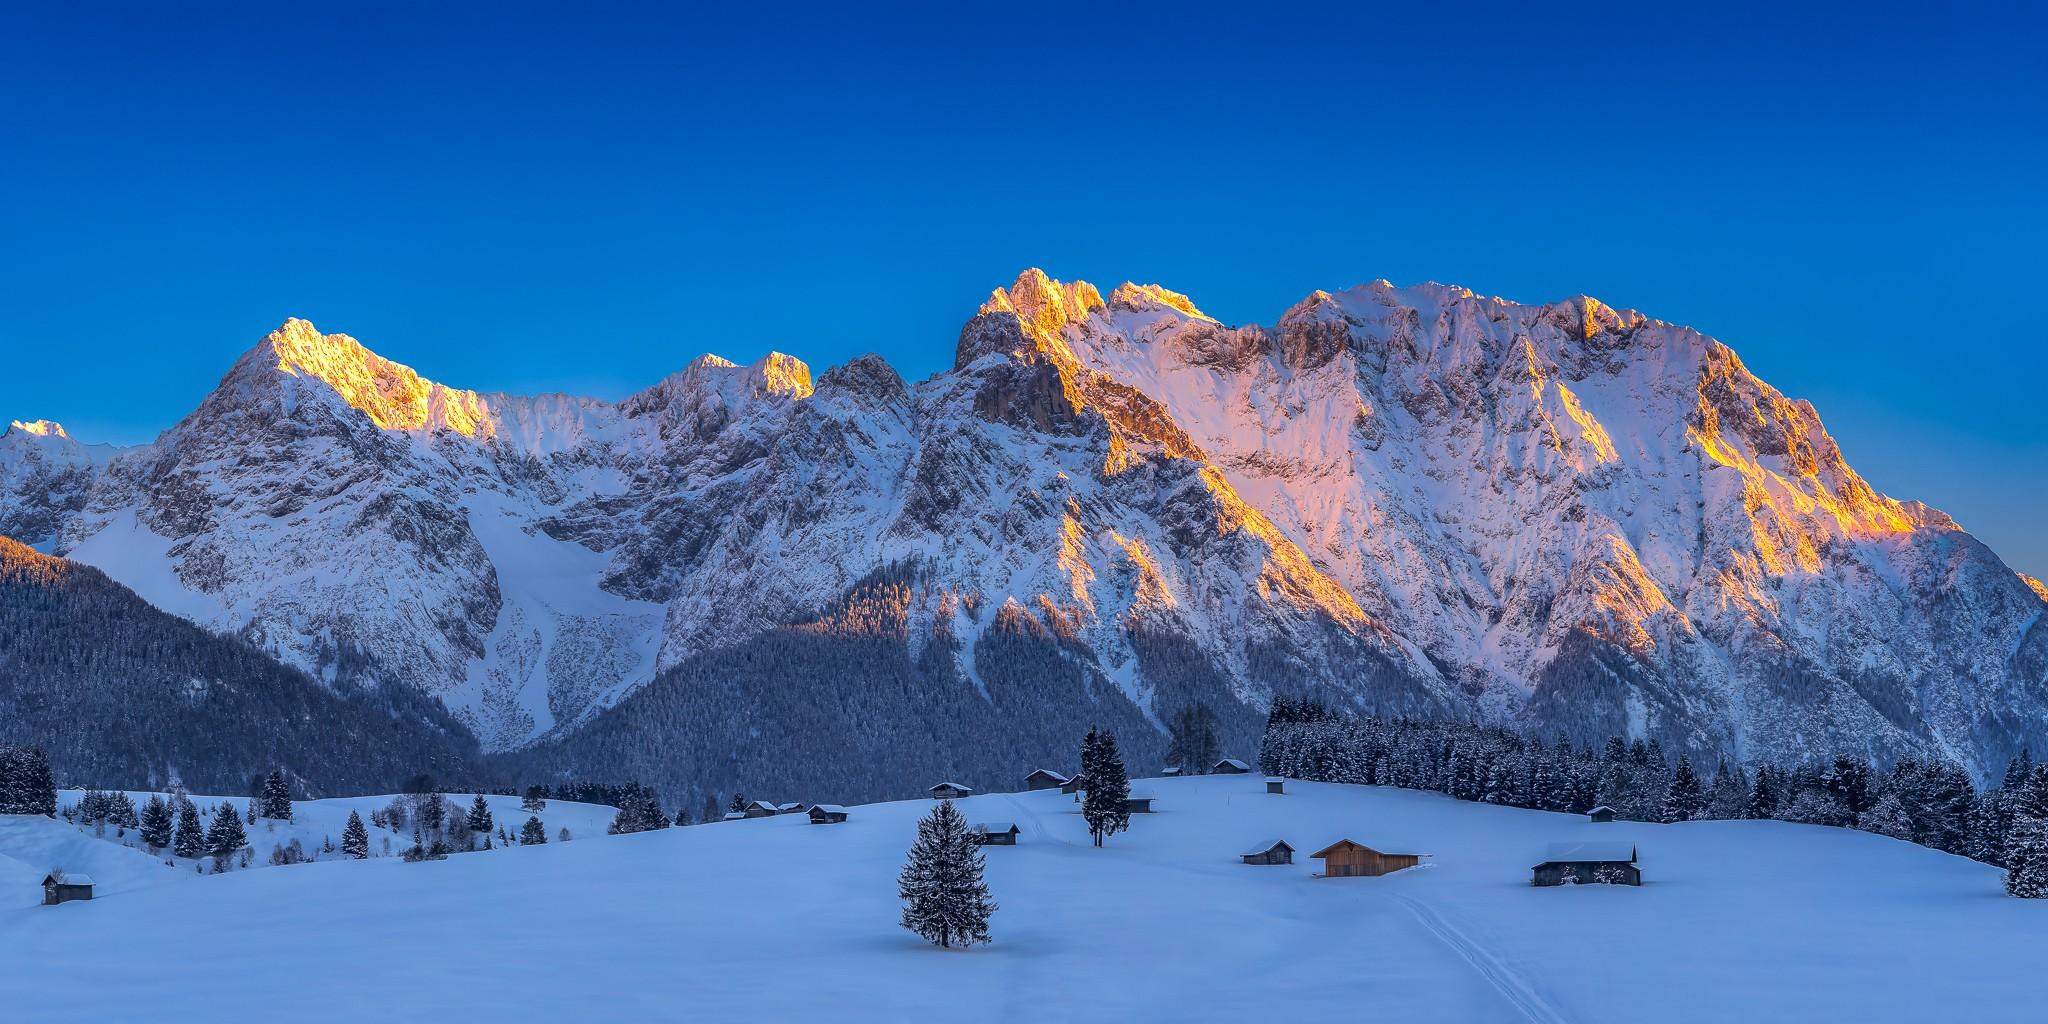 Karwendel - Buckelwiesen im Winter. Berg bei Mittenwald, mit verschneiten Stadeln